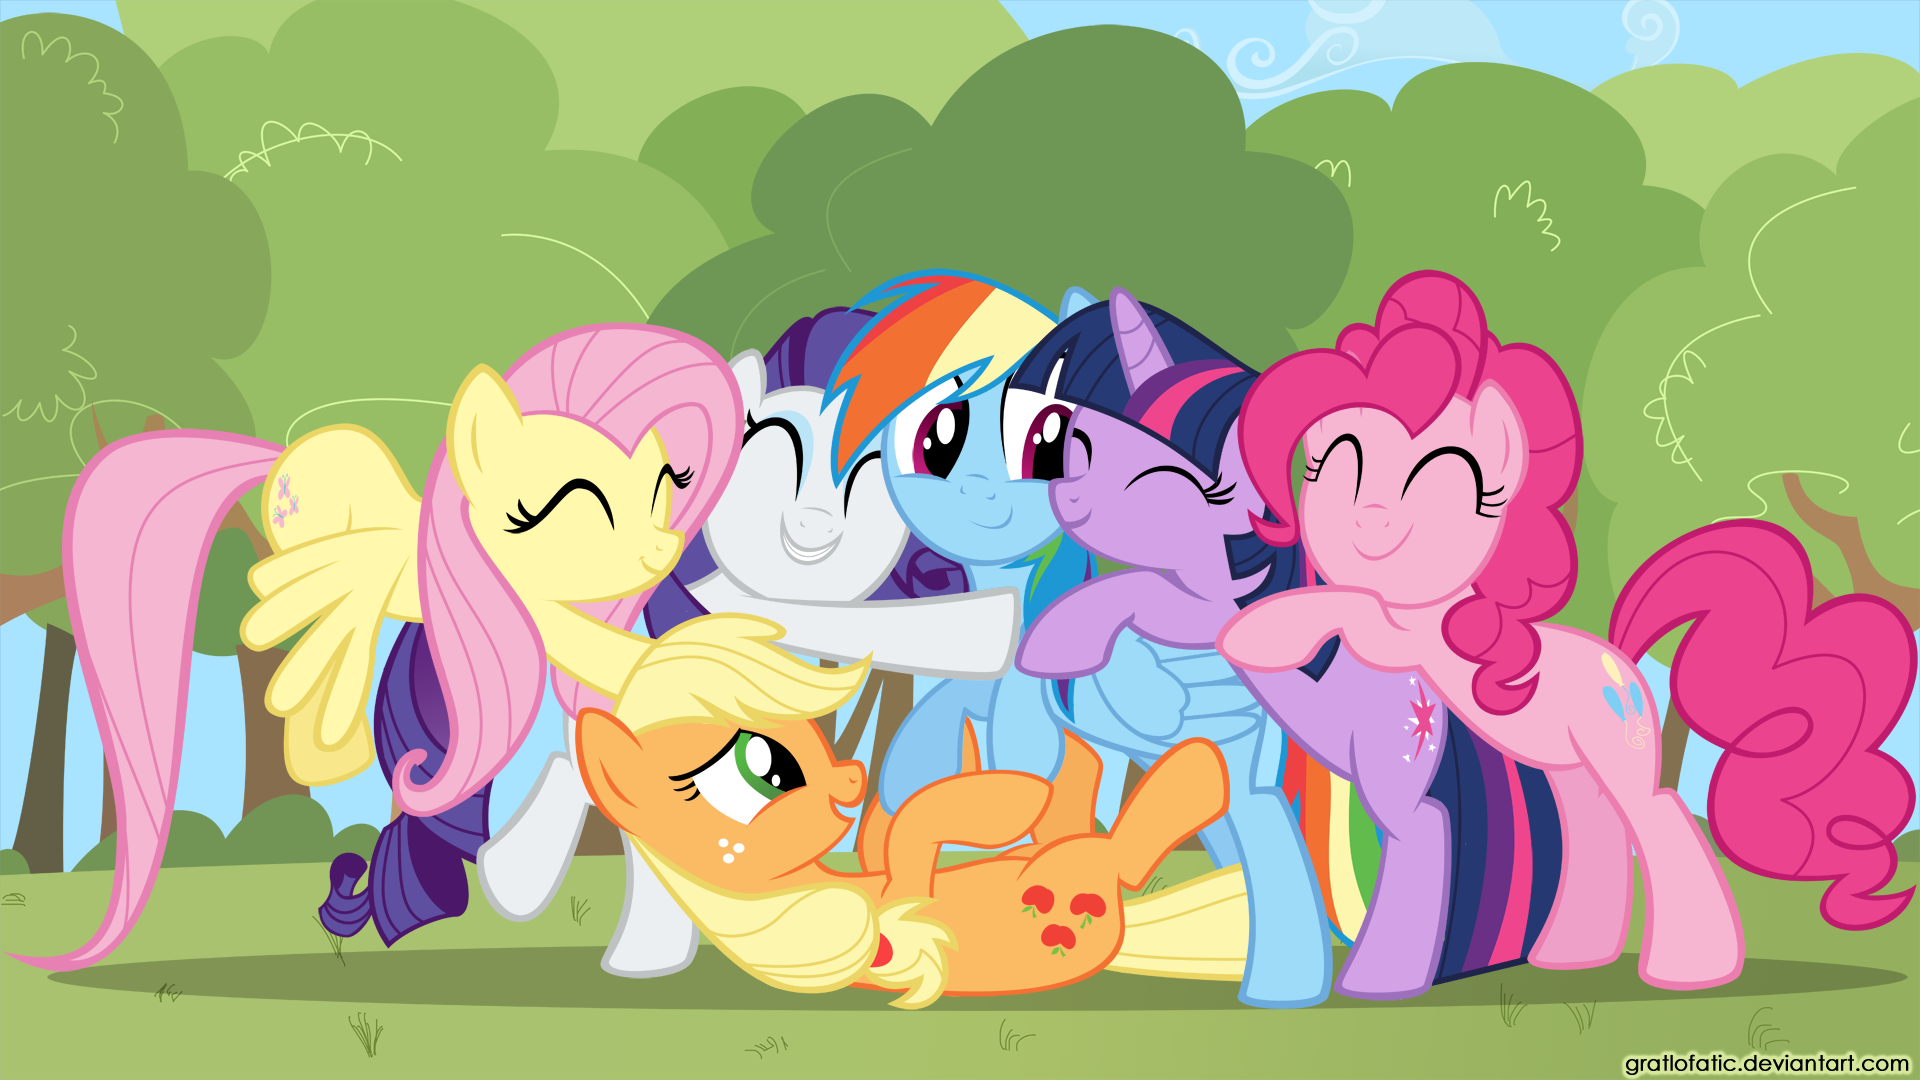 Group Hug By Gratlofatic My Little Pony My Little Wallpaper